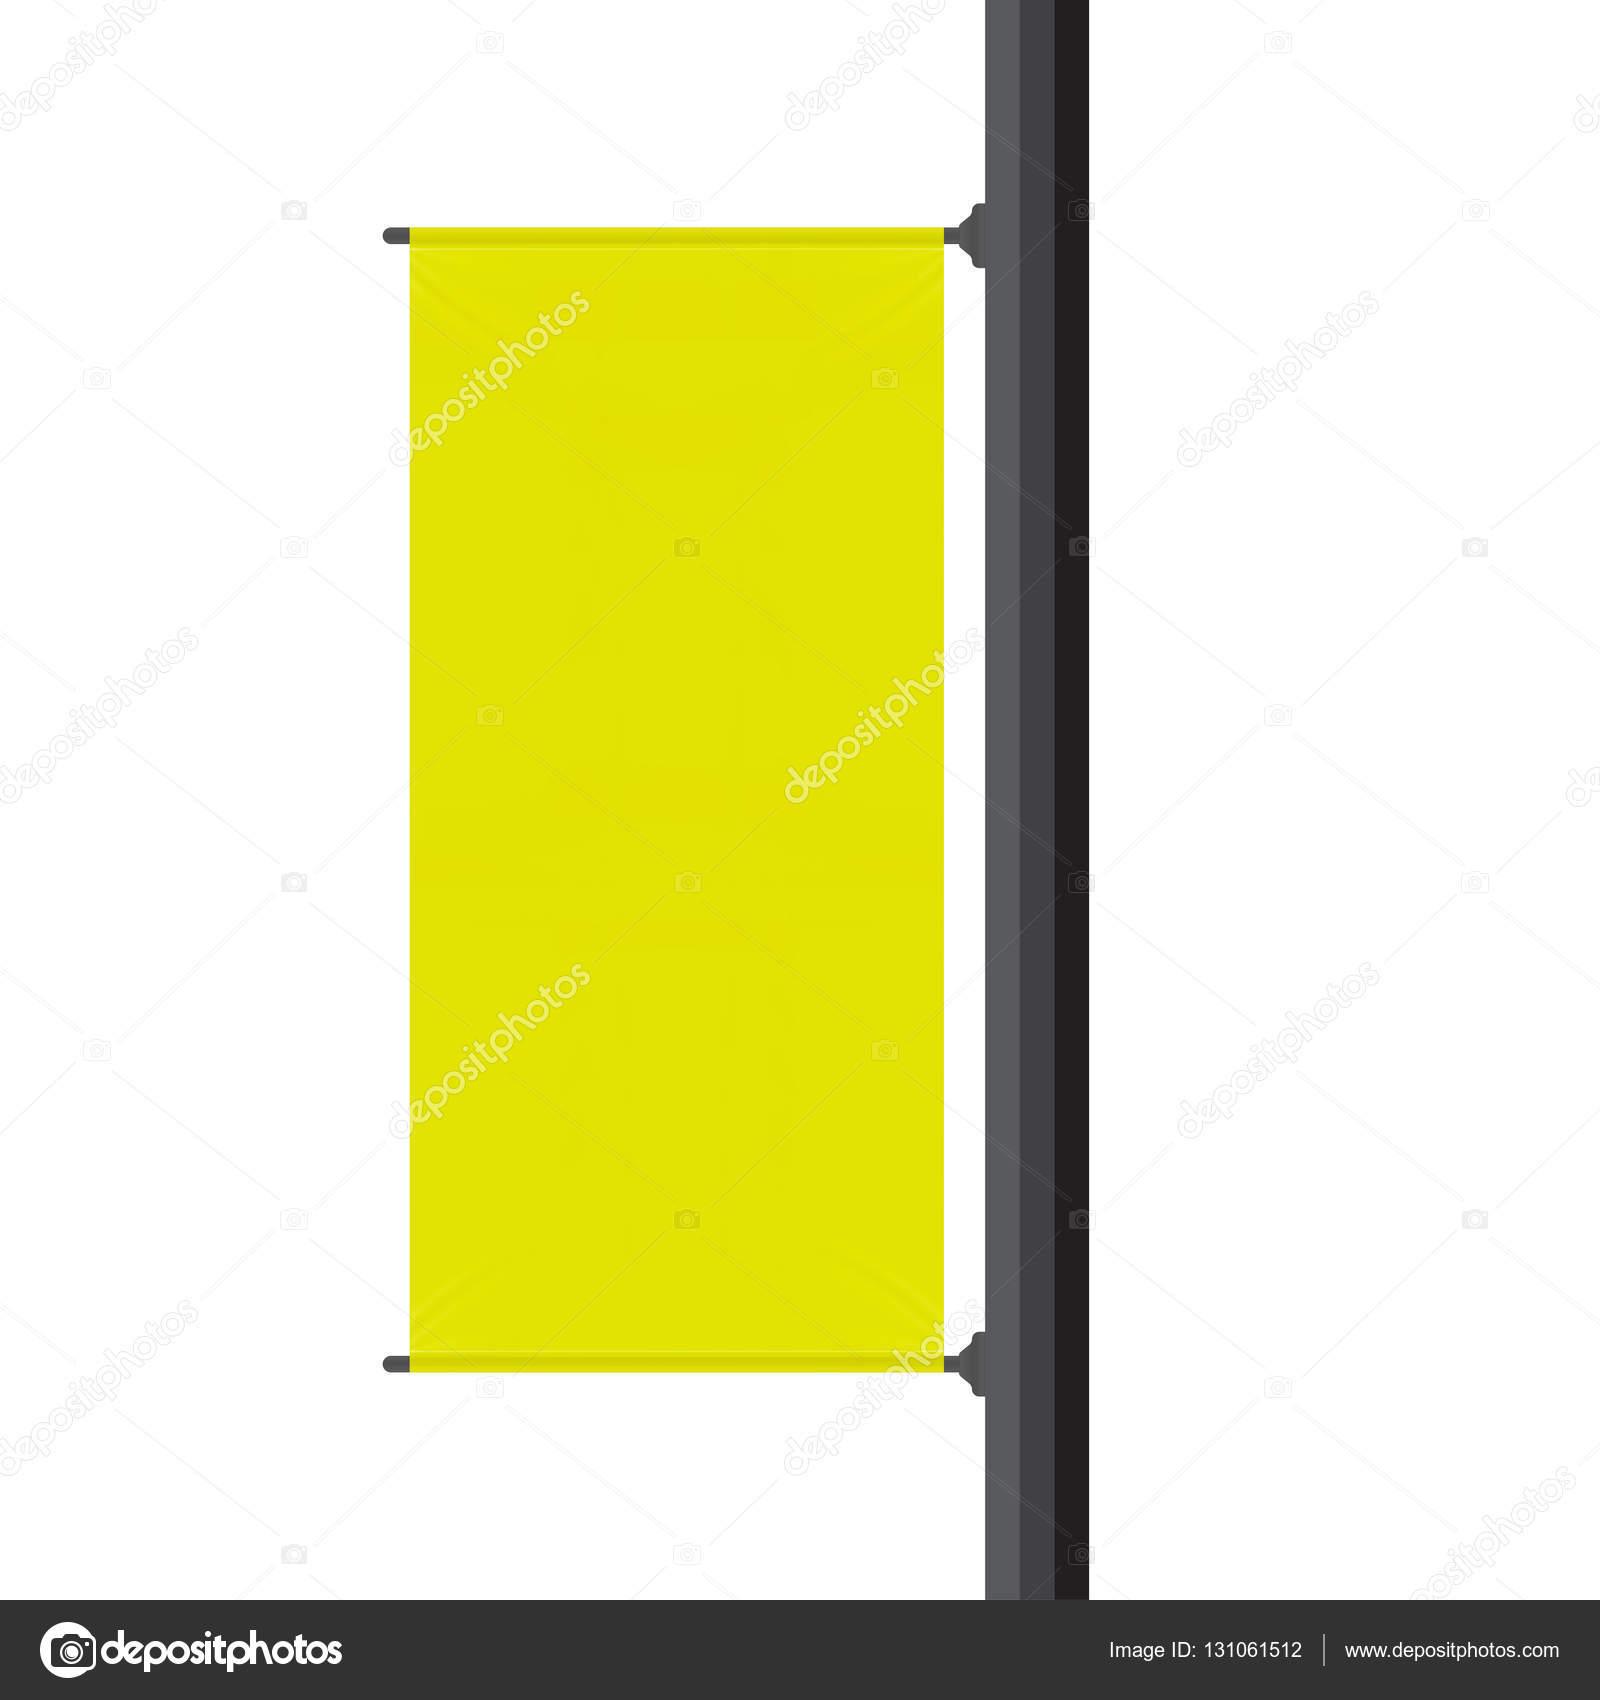 gelbe leer Werbebanner — Stockvektor © jackreznor #131061512